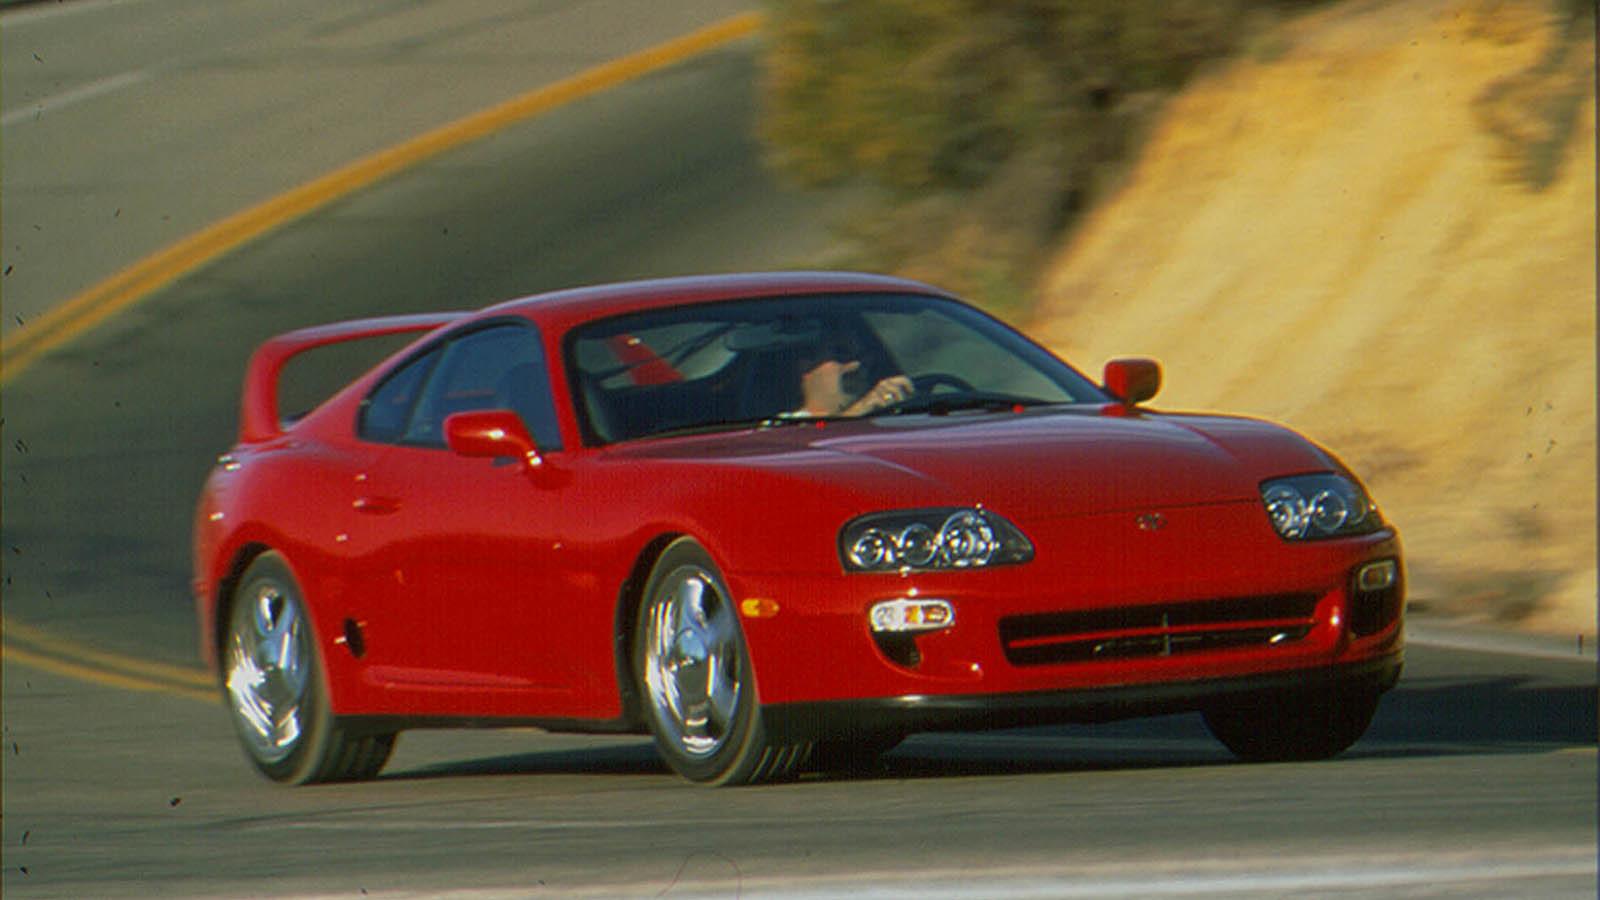 Kekurangan Toyota Supra 2005 Murah Berkualitas